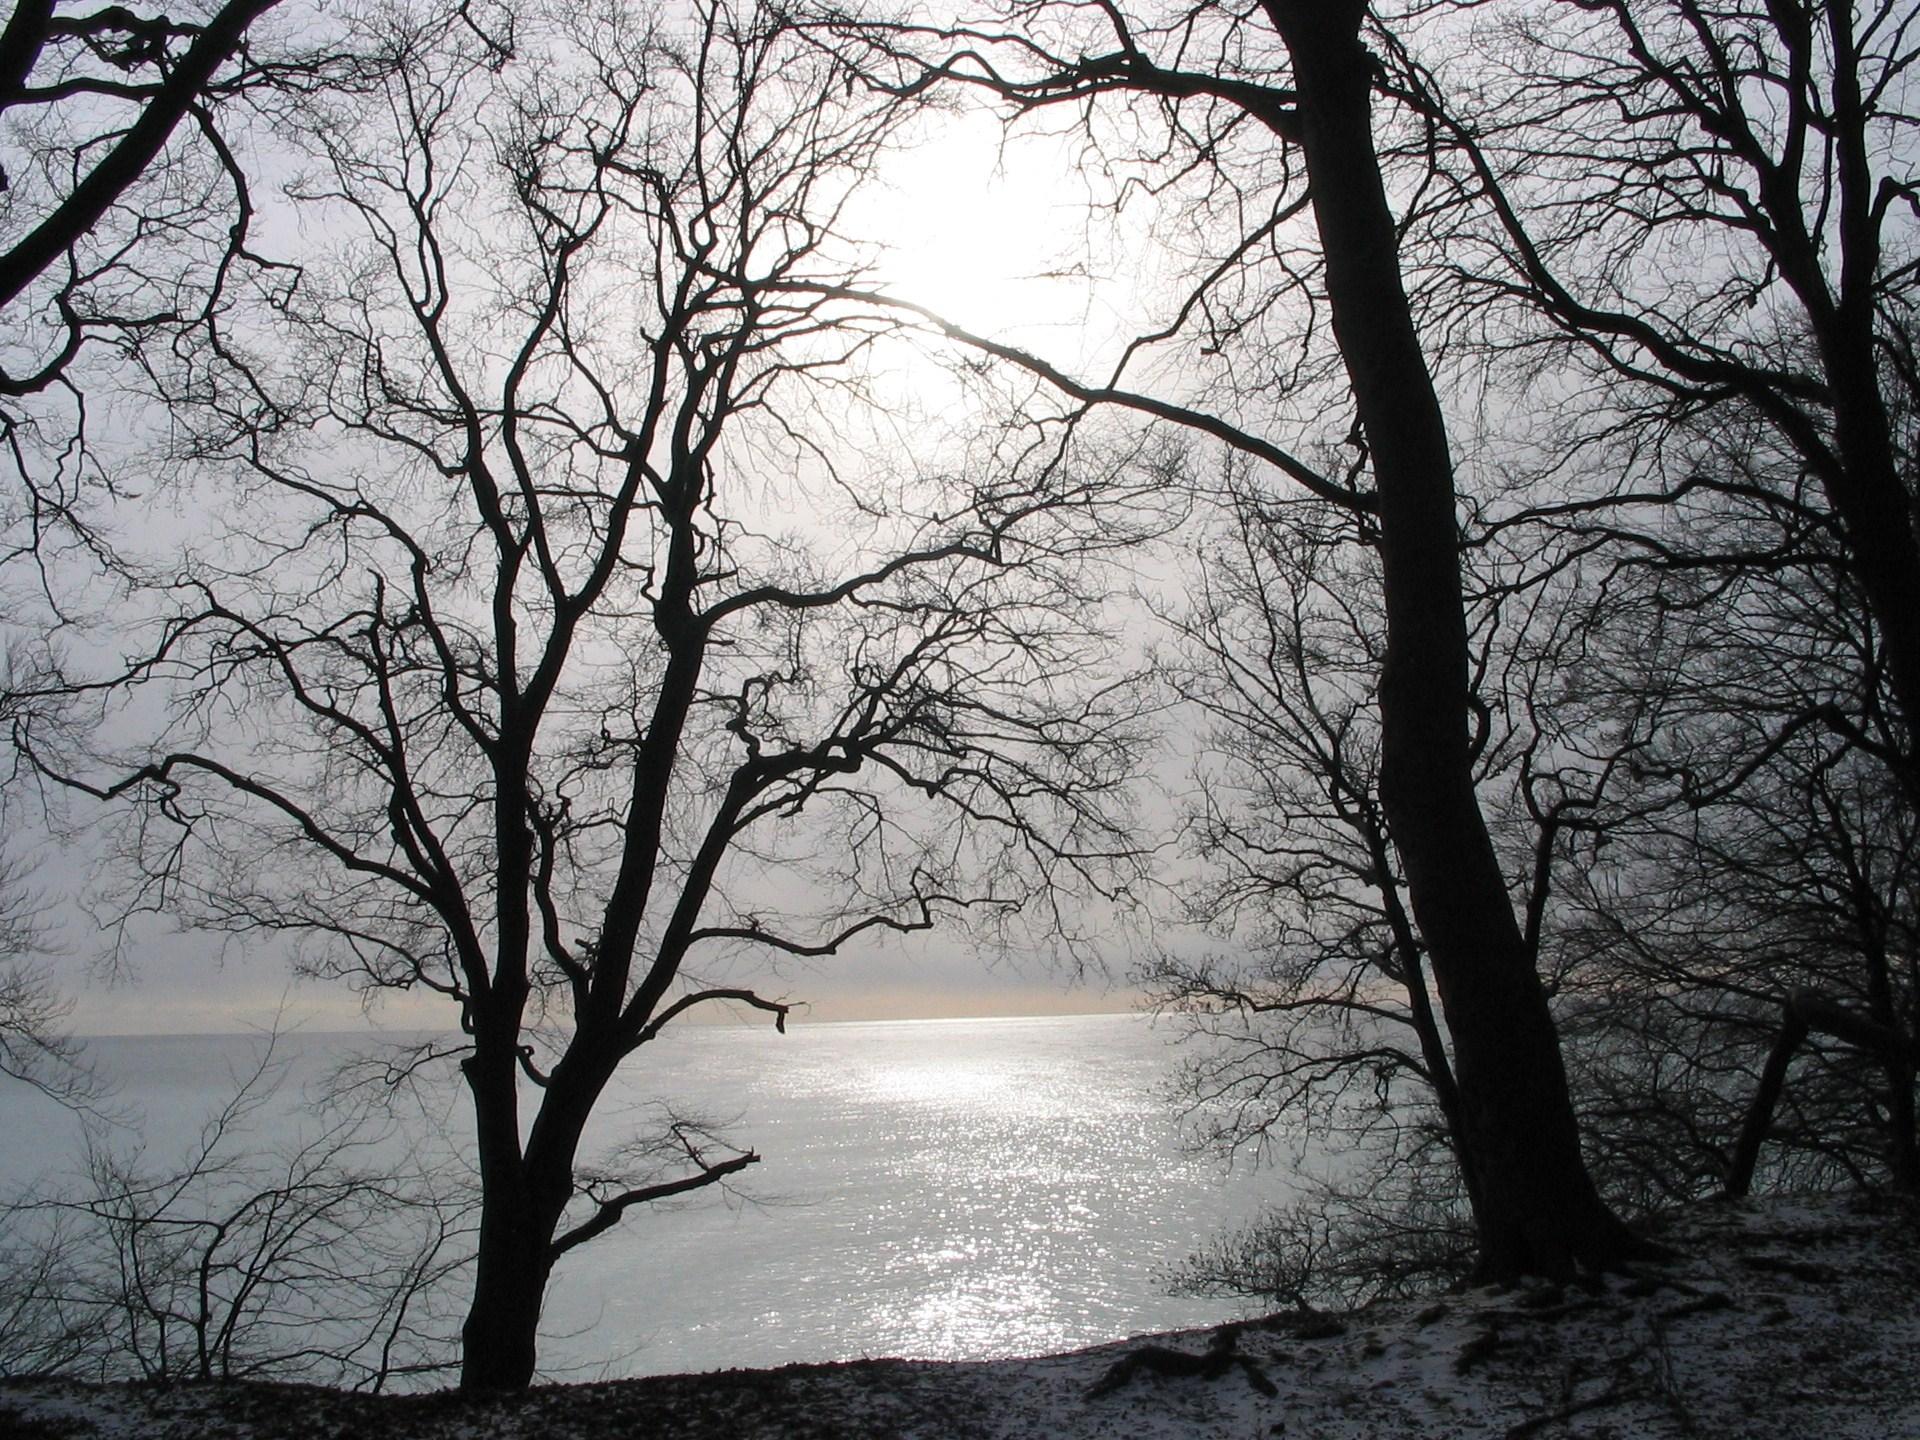 teli_winter_hatterkepek_123